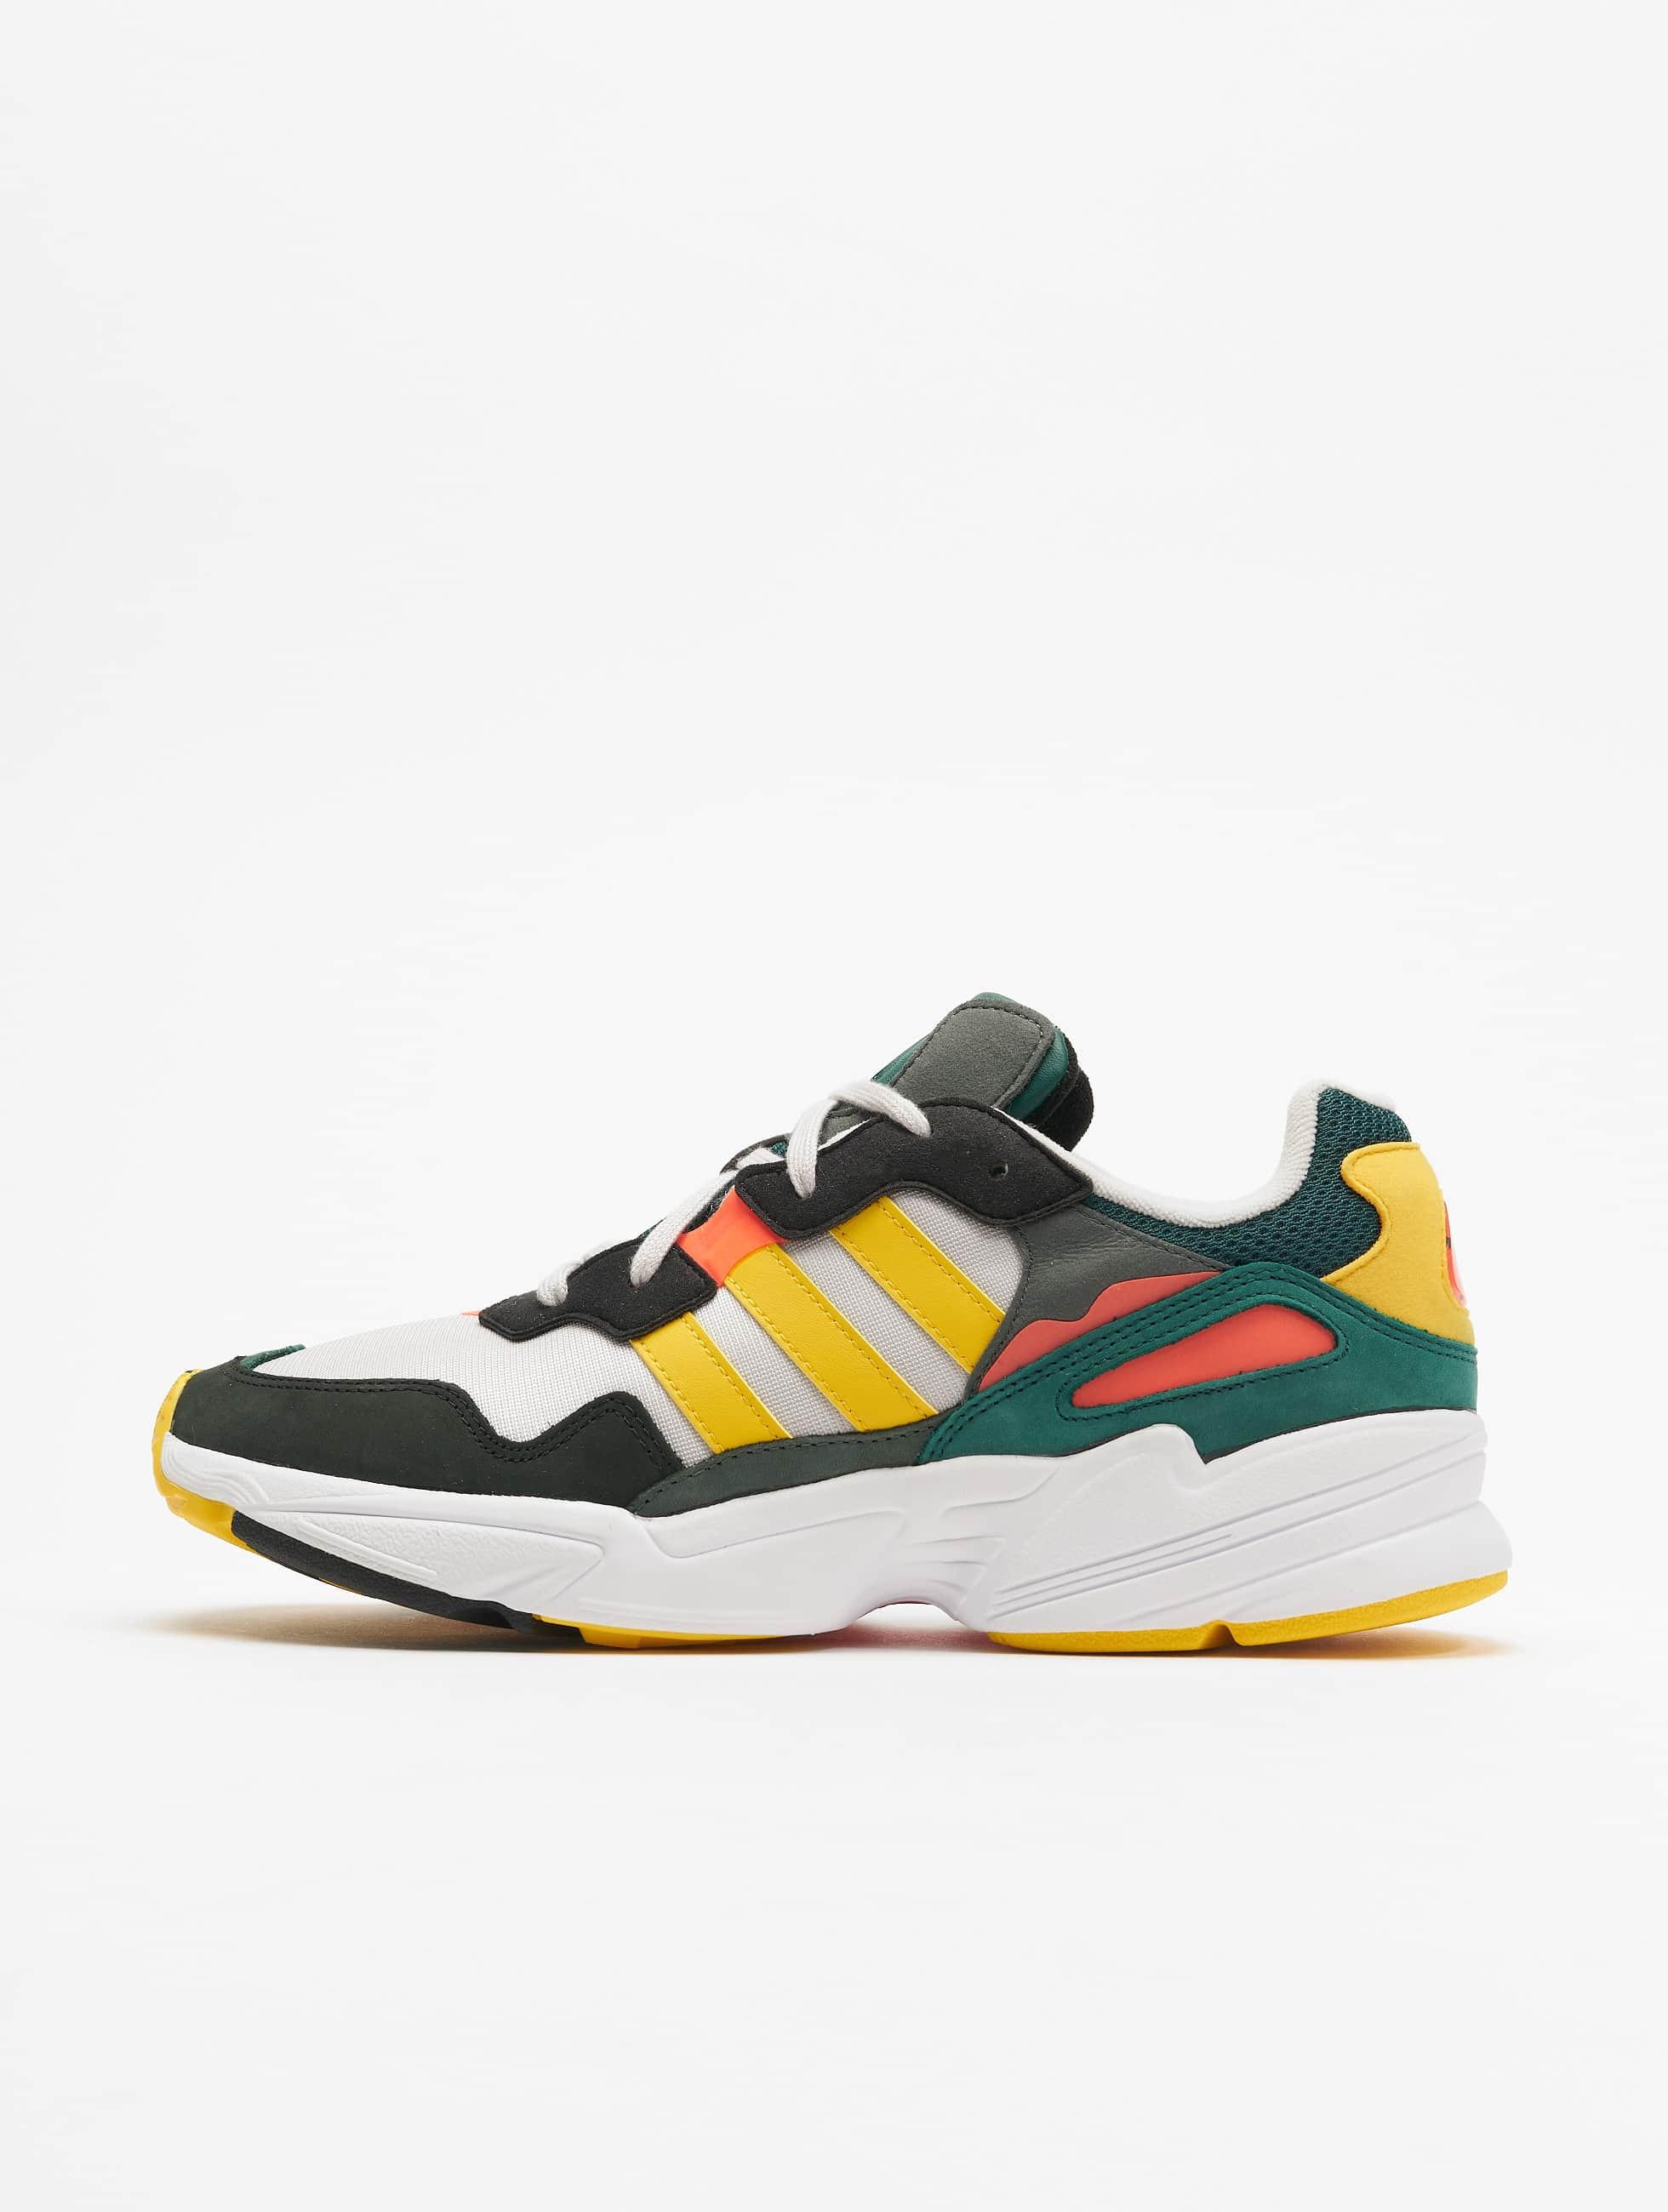 adidas sneakers | eBay